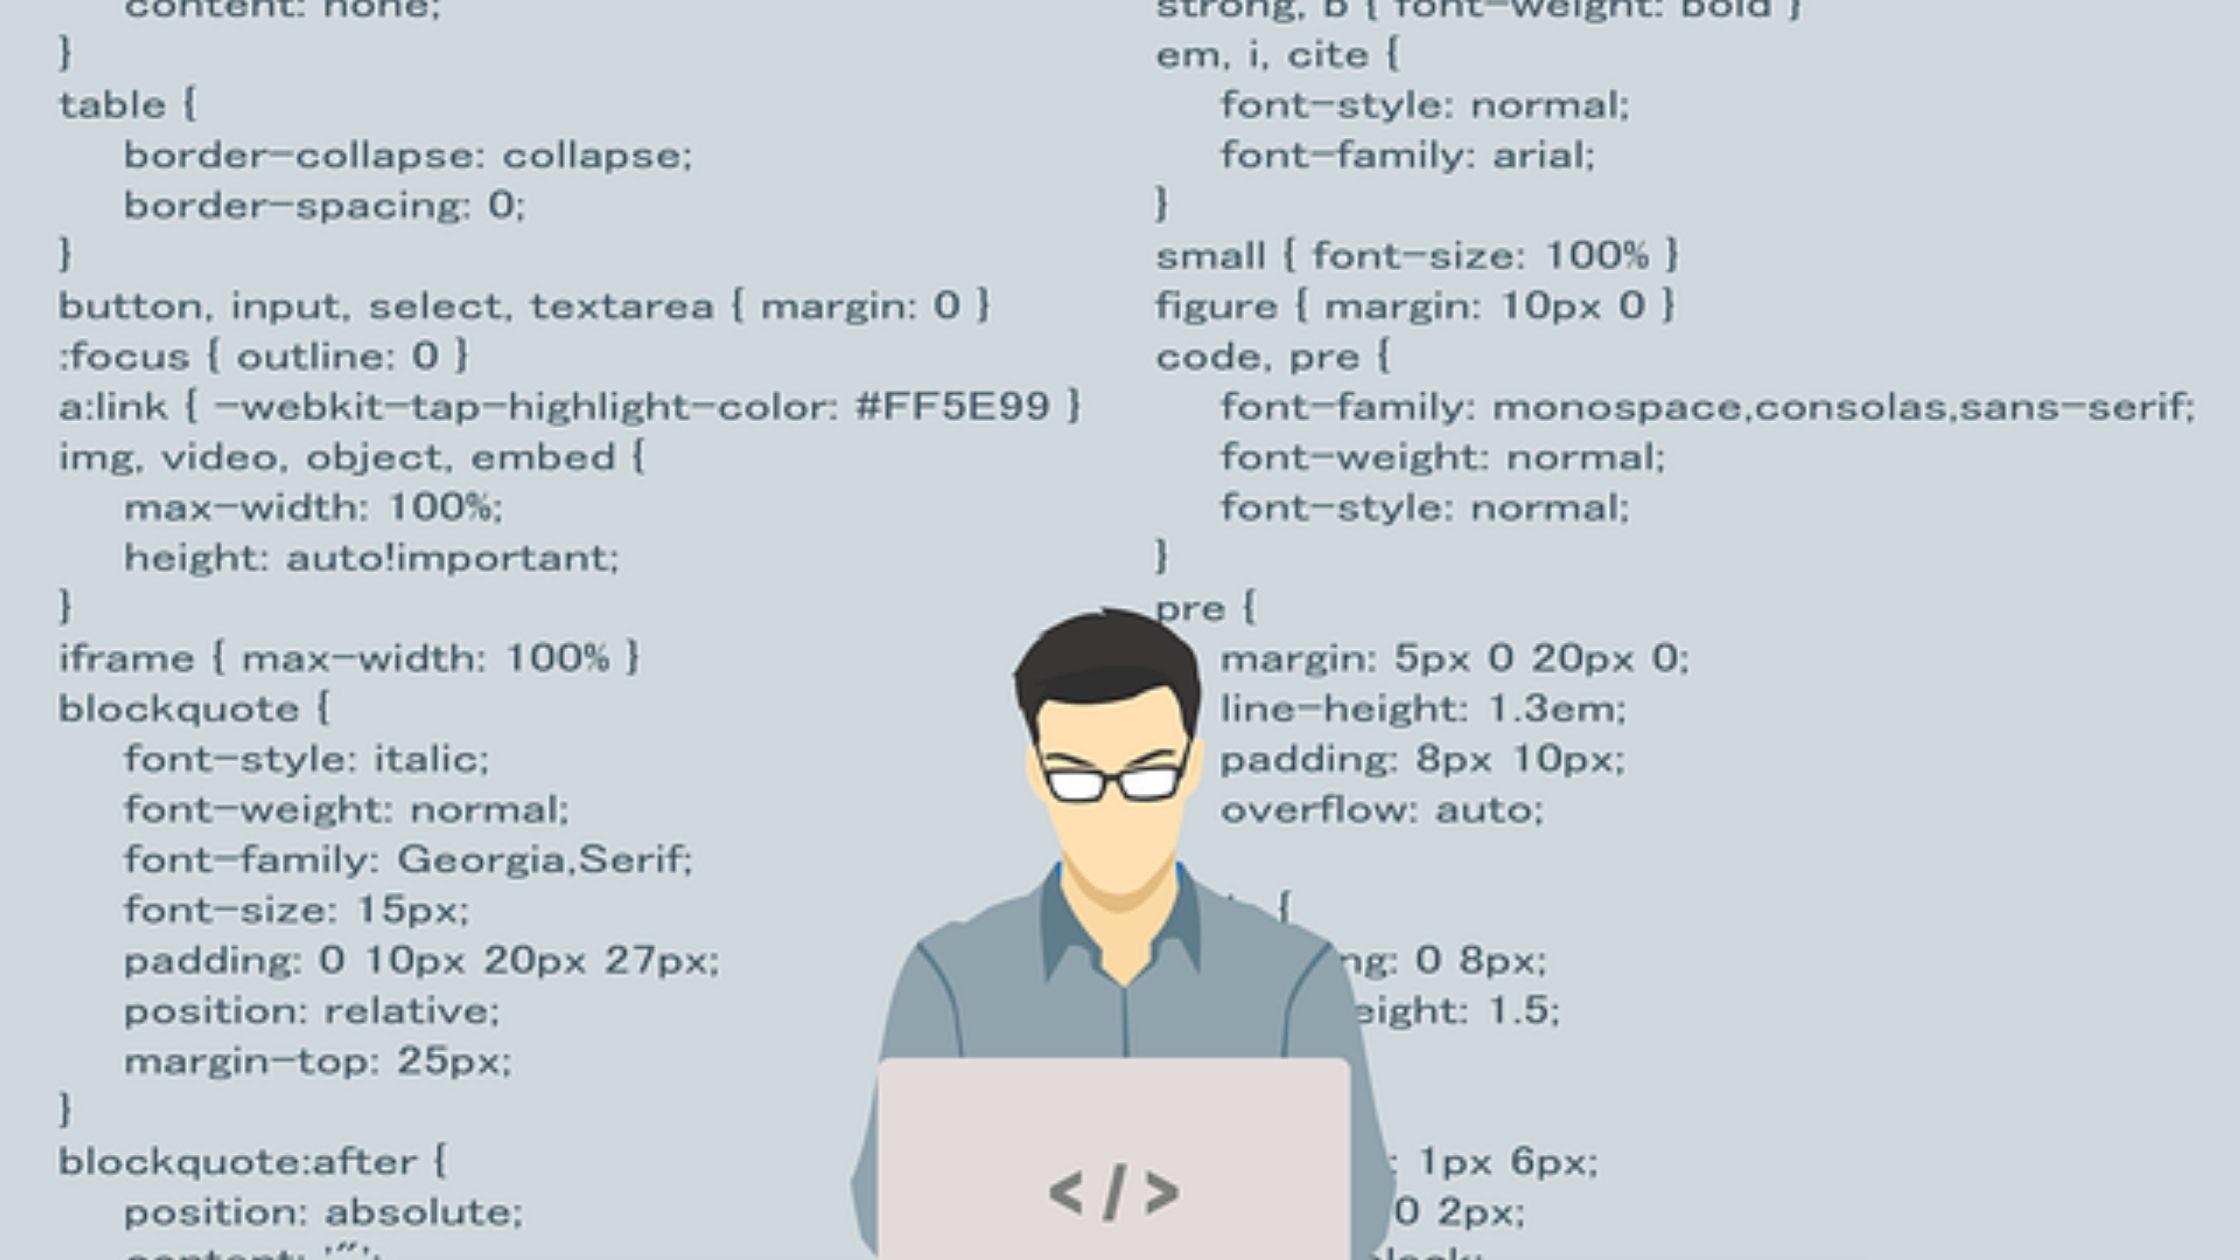 प्रोग्रामिंग लैंग्वेज कैसे सीखे?